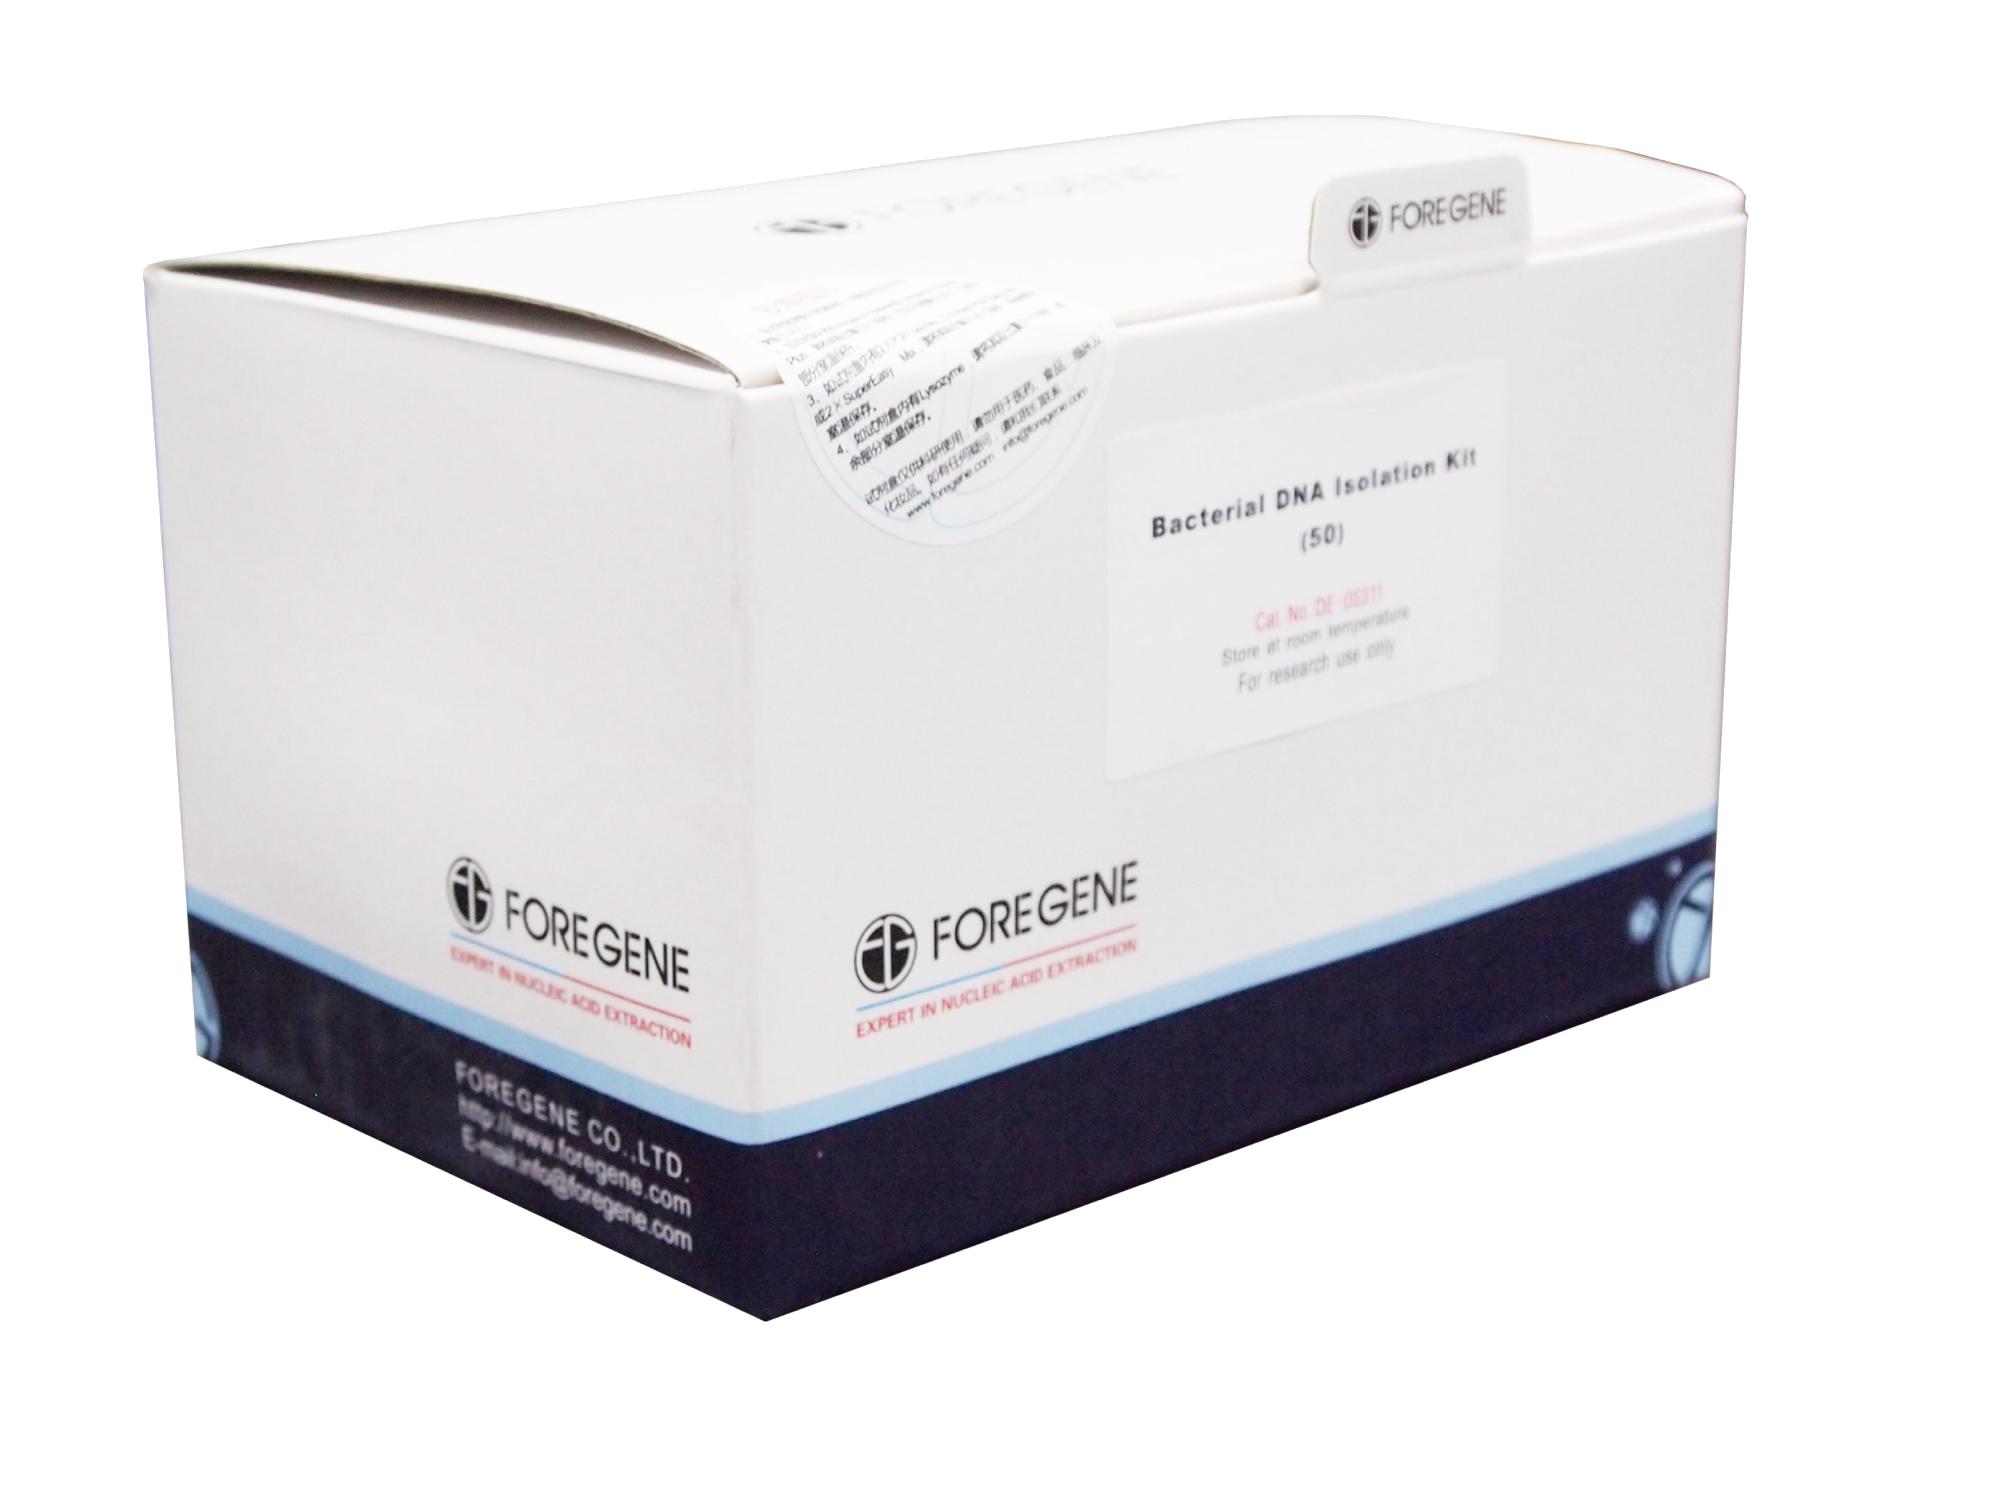 通用基因组DNA提取试剂盒Genomic DNA Isolation Kit